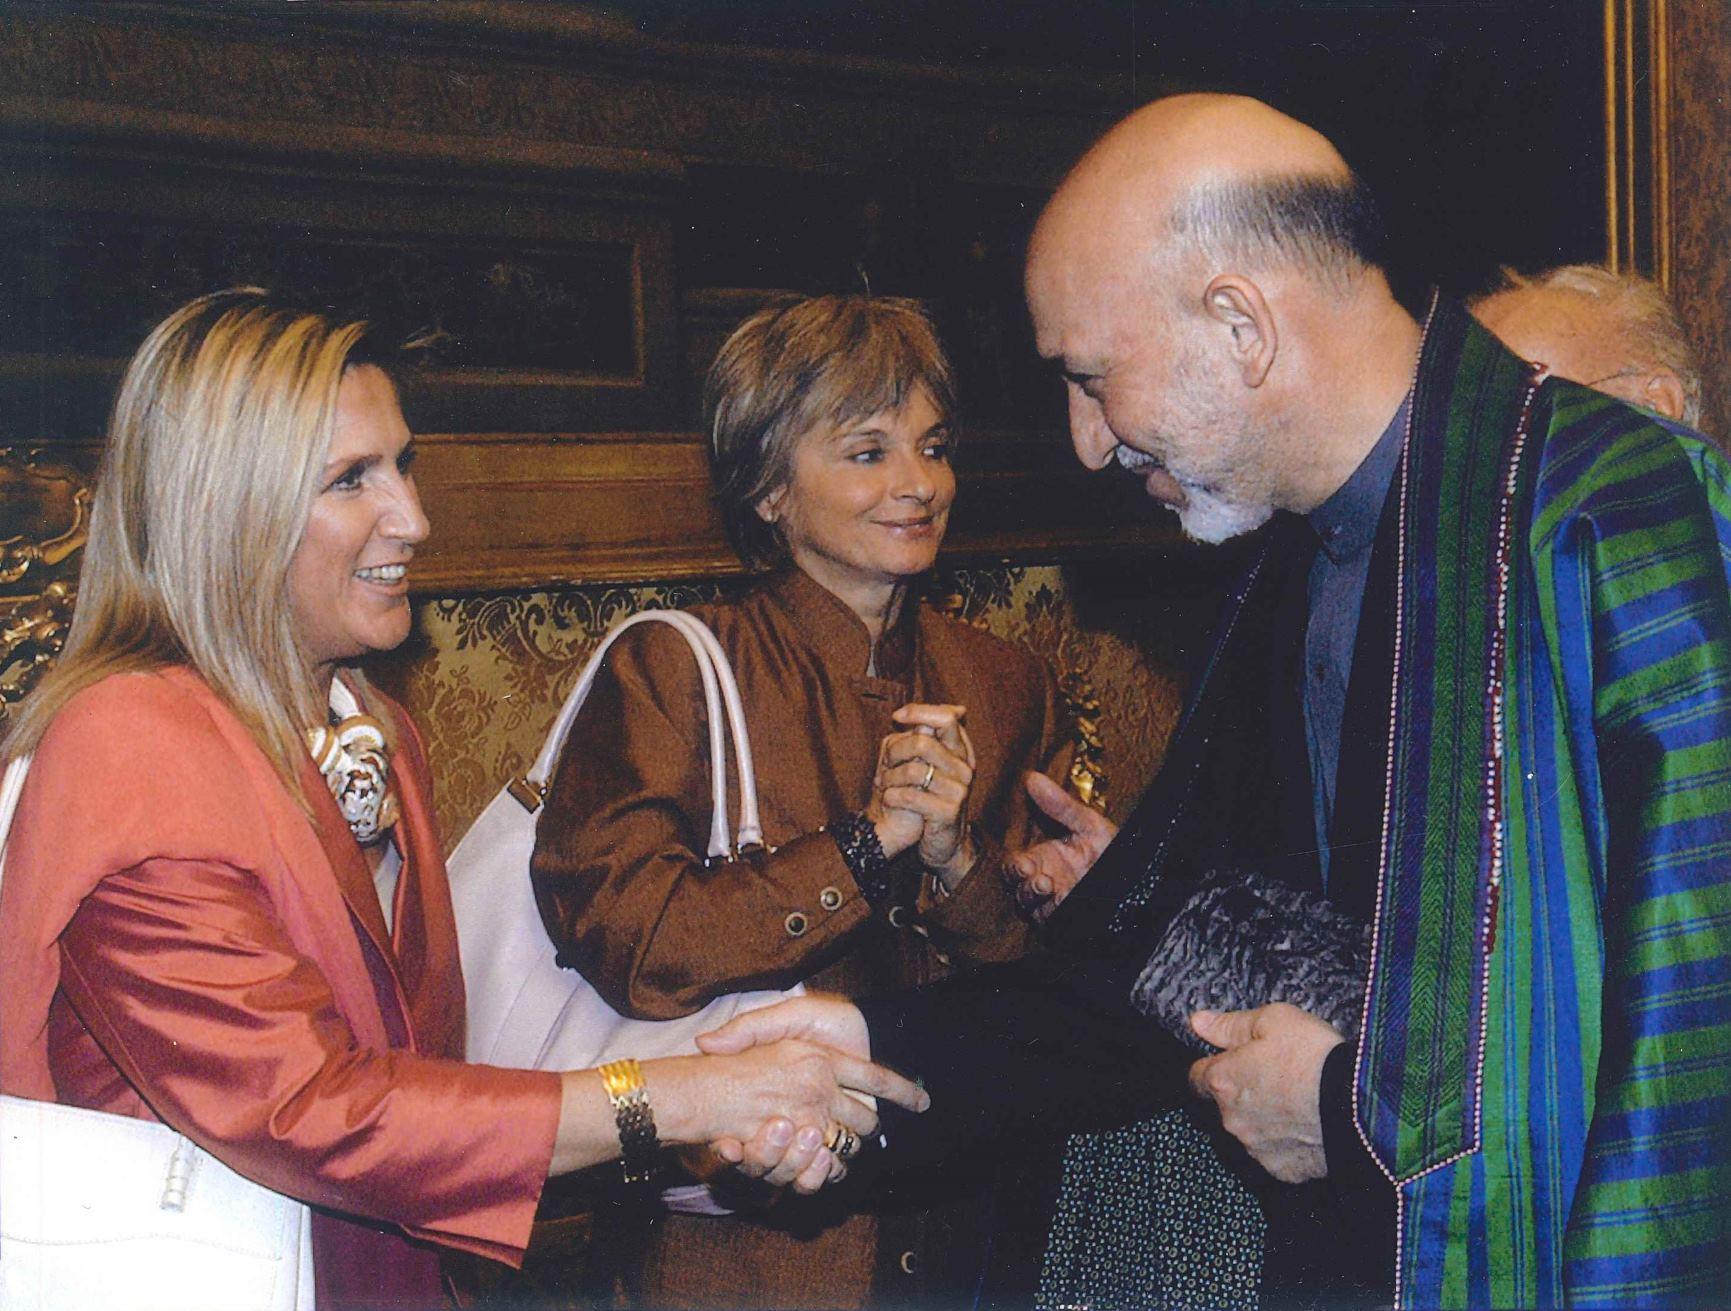 Roma, Camera dei Deputati, 21 luglio 2005 - Presidente dell'Afghanistan Hamid Karzai e il Questore Paola Manzini